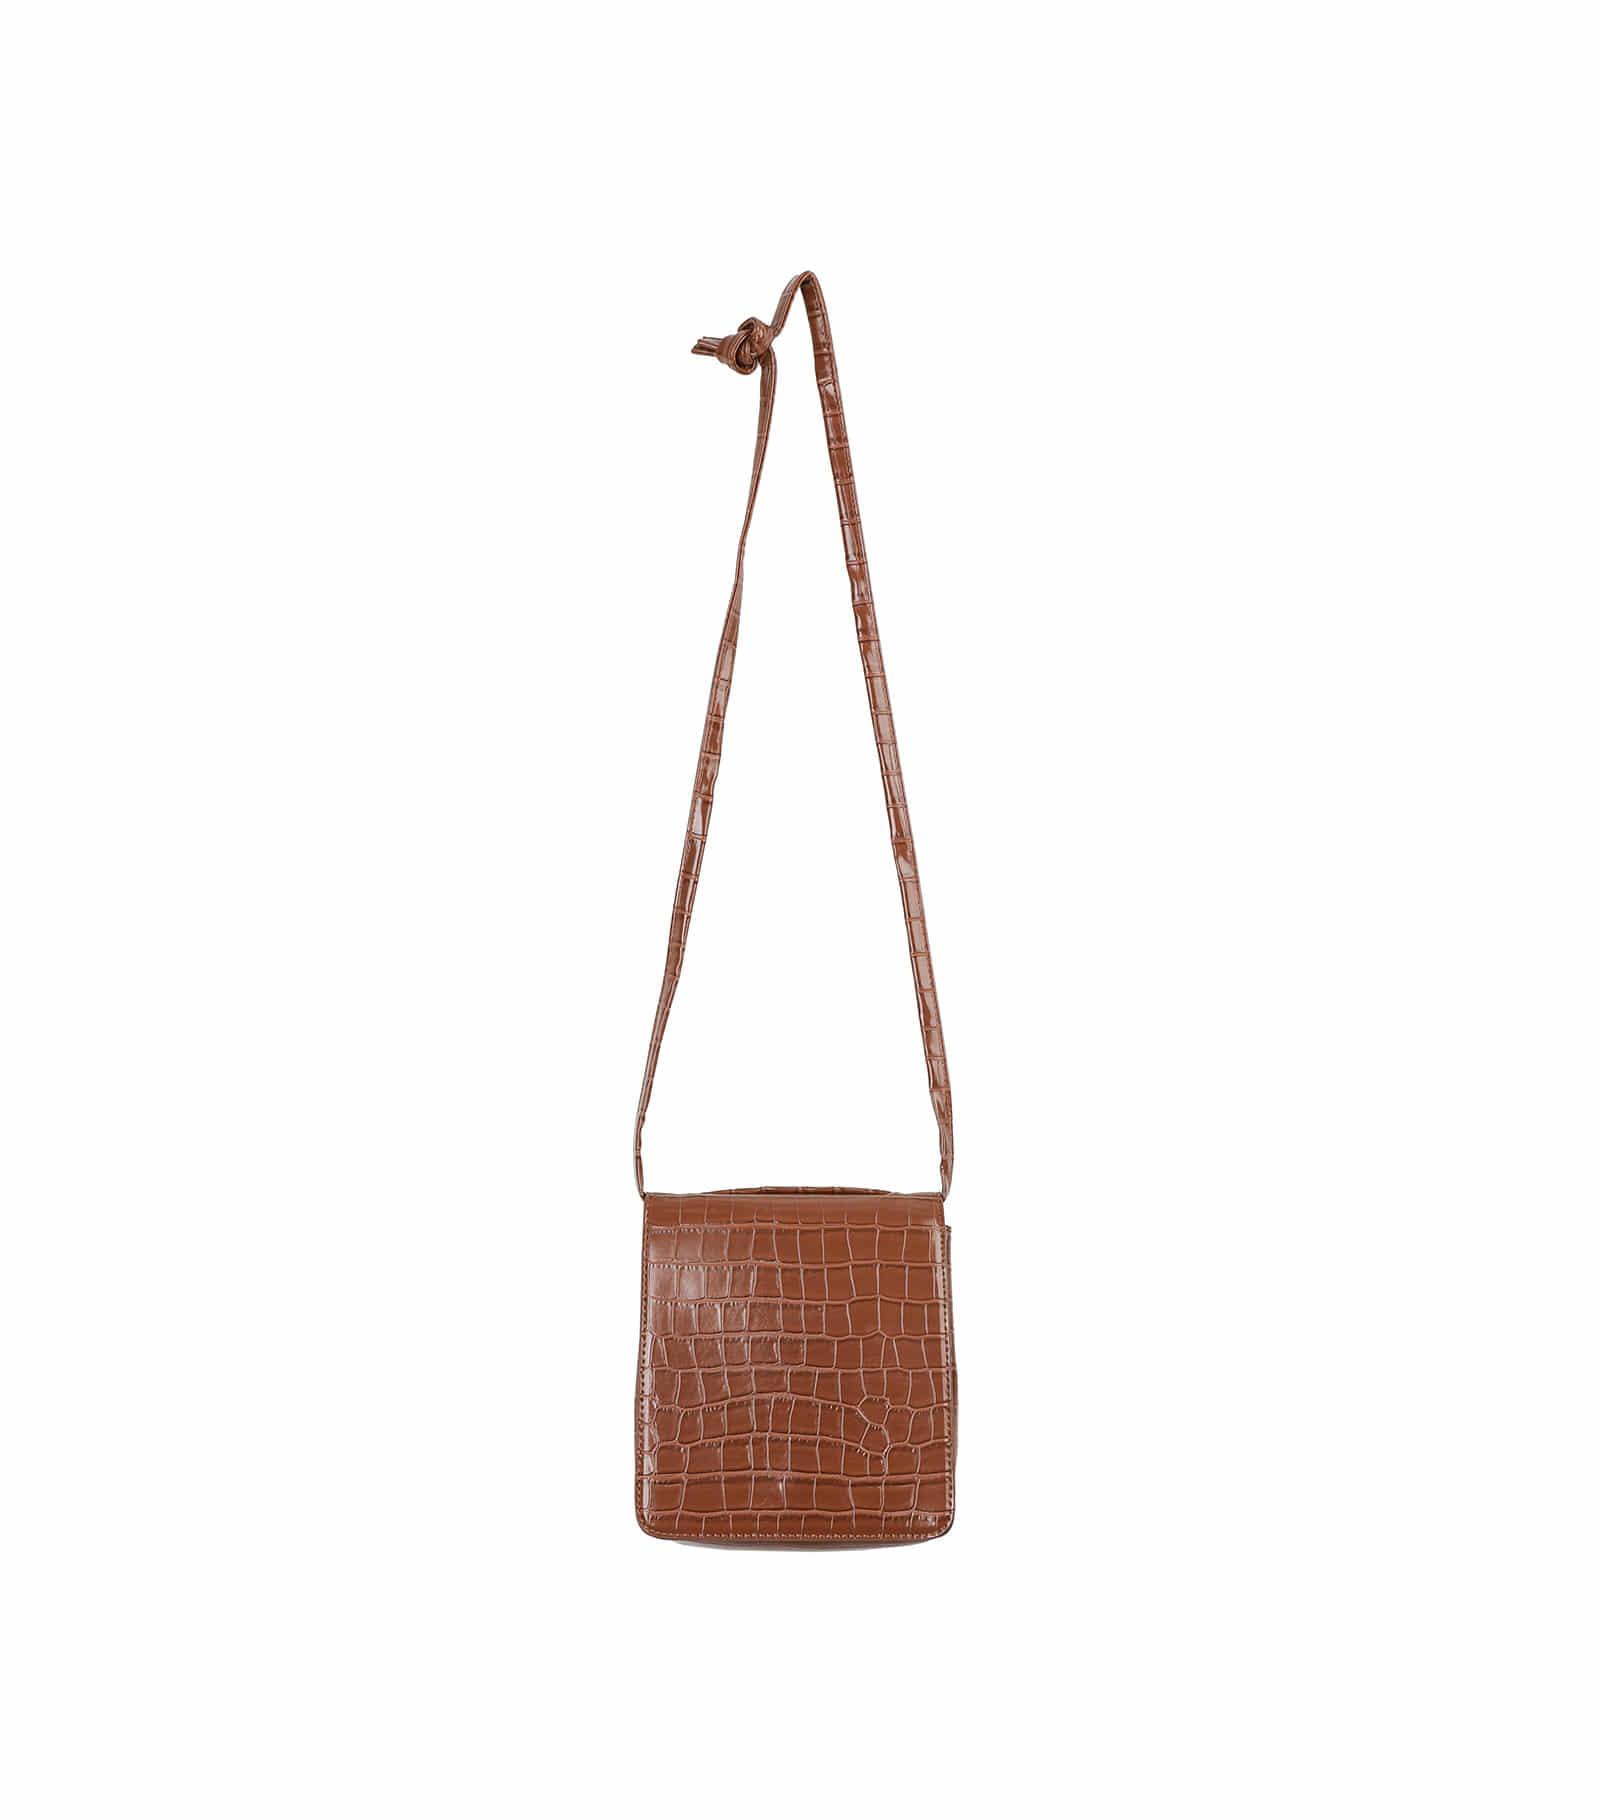 Ms. animal pattern square shoulder bag